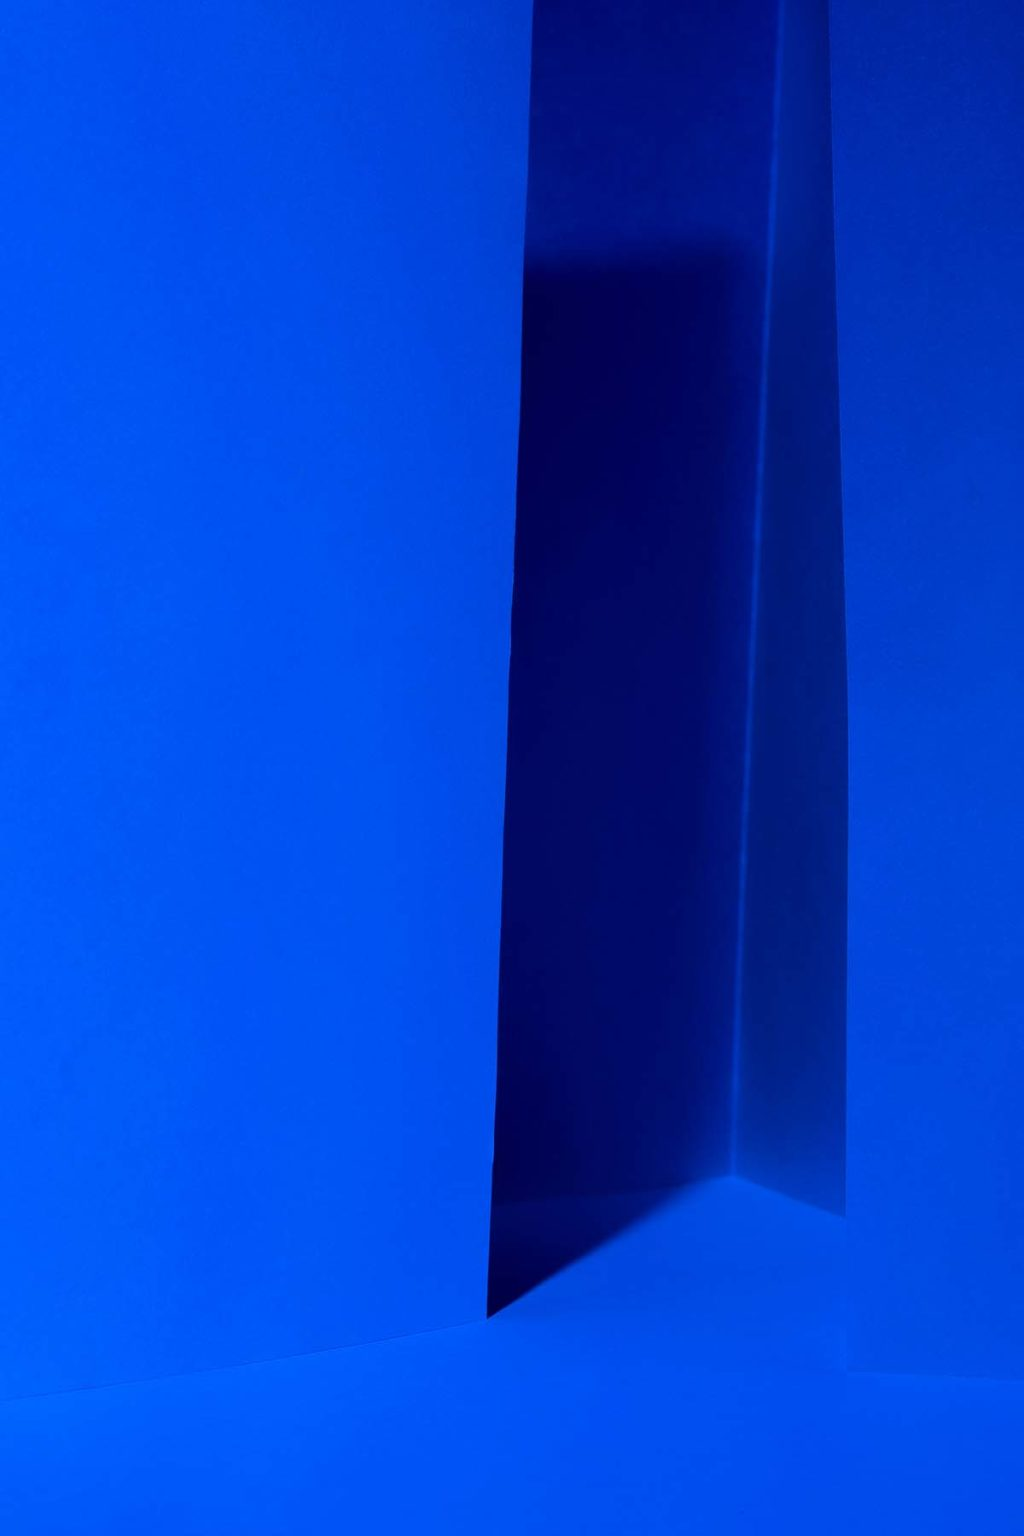 _MG_5528_Blue 02_Cataract_ClaudiadenBoer